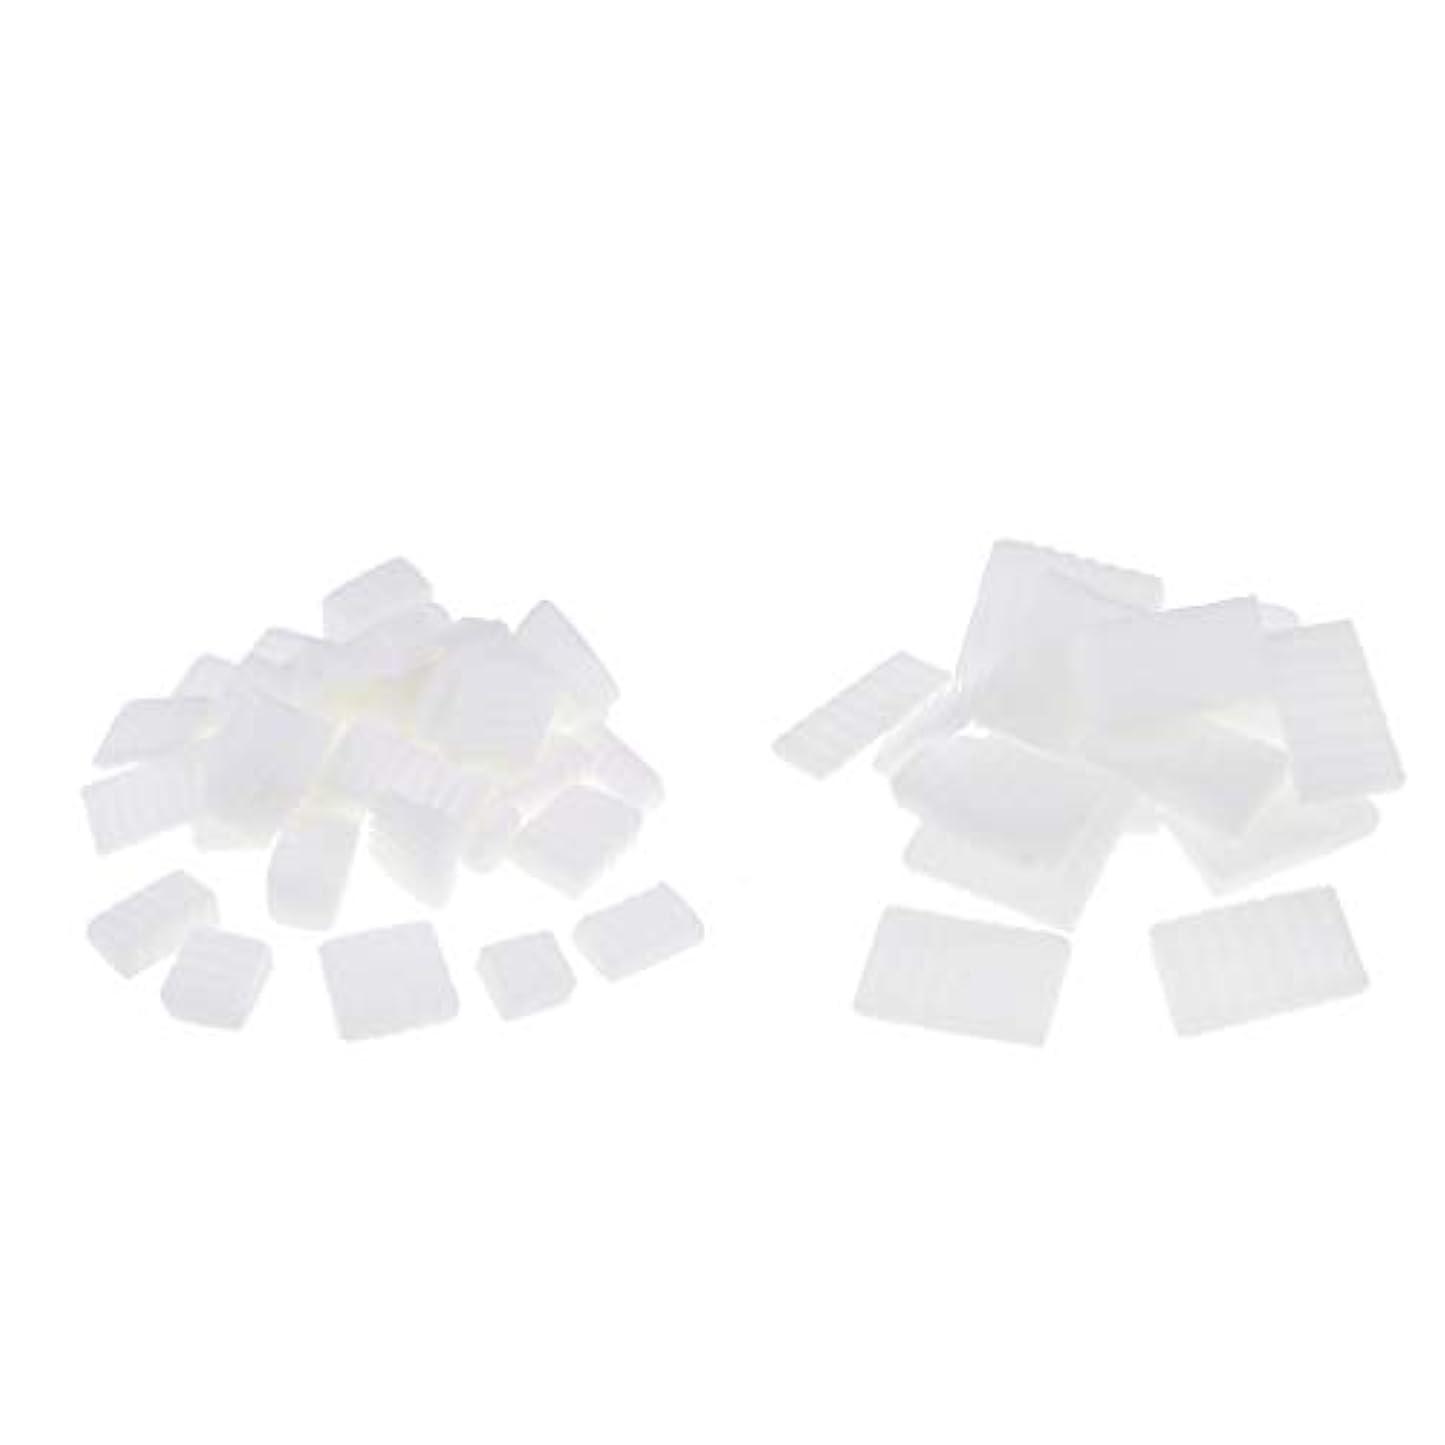 介入するテナント下に石けん素地 石鹸原料 石鹸キット材料 自由研究 小学生 夏休み 工作 白い 1500g入り